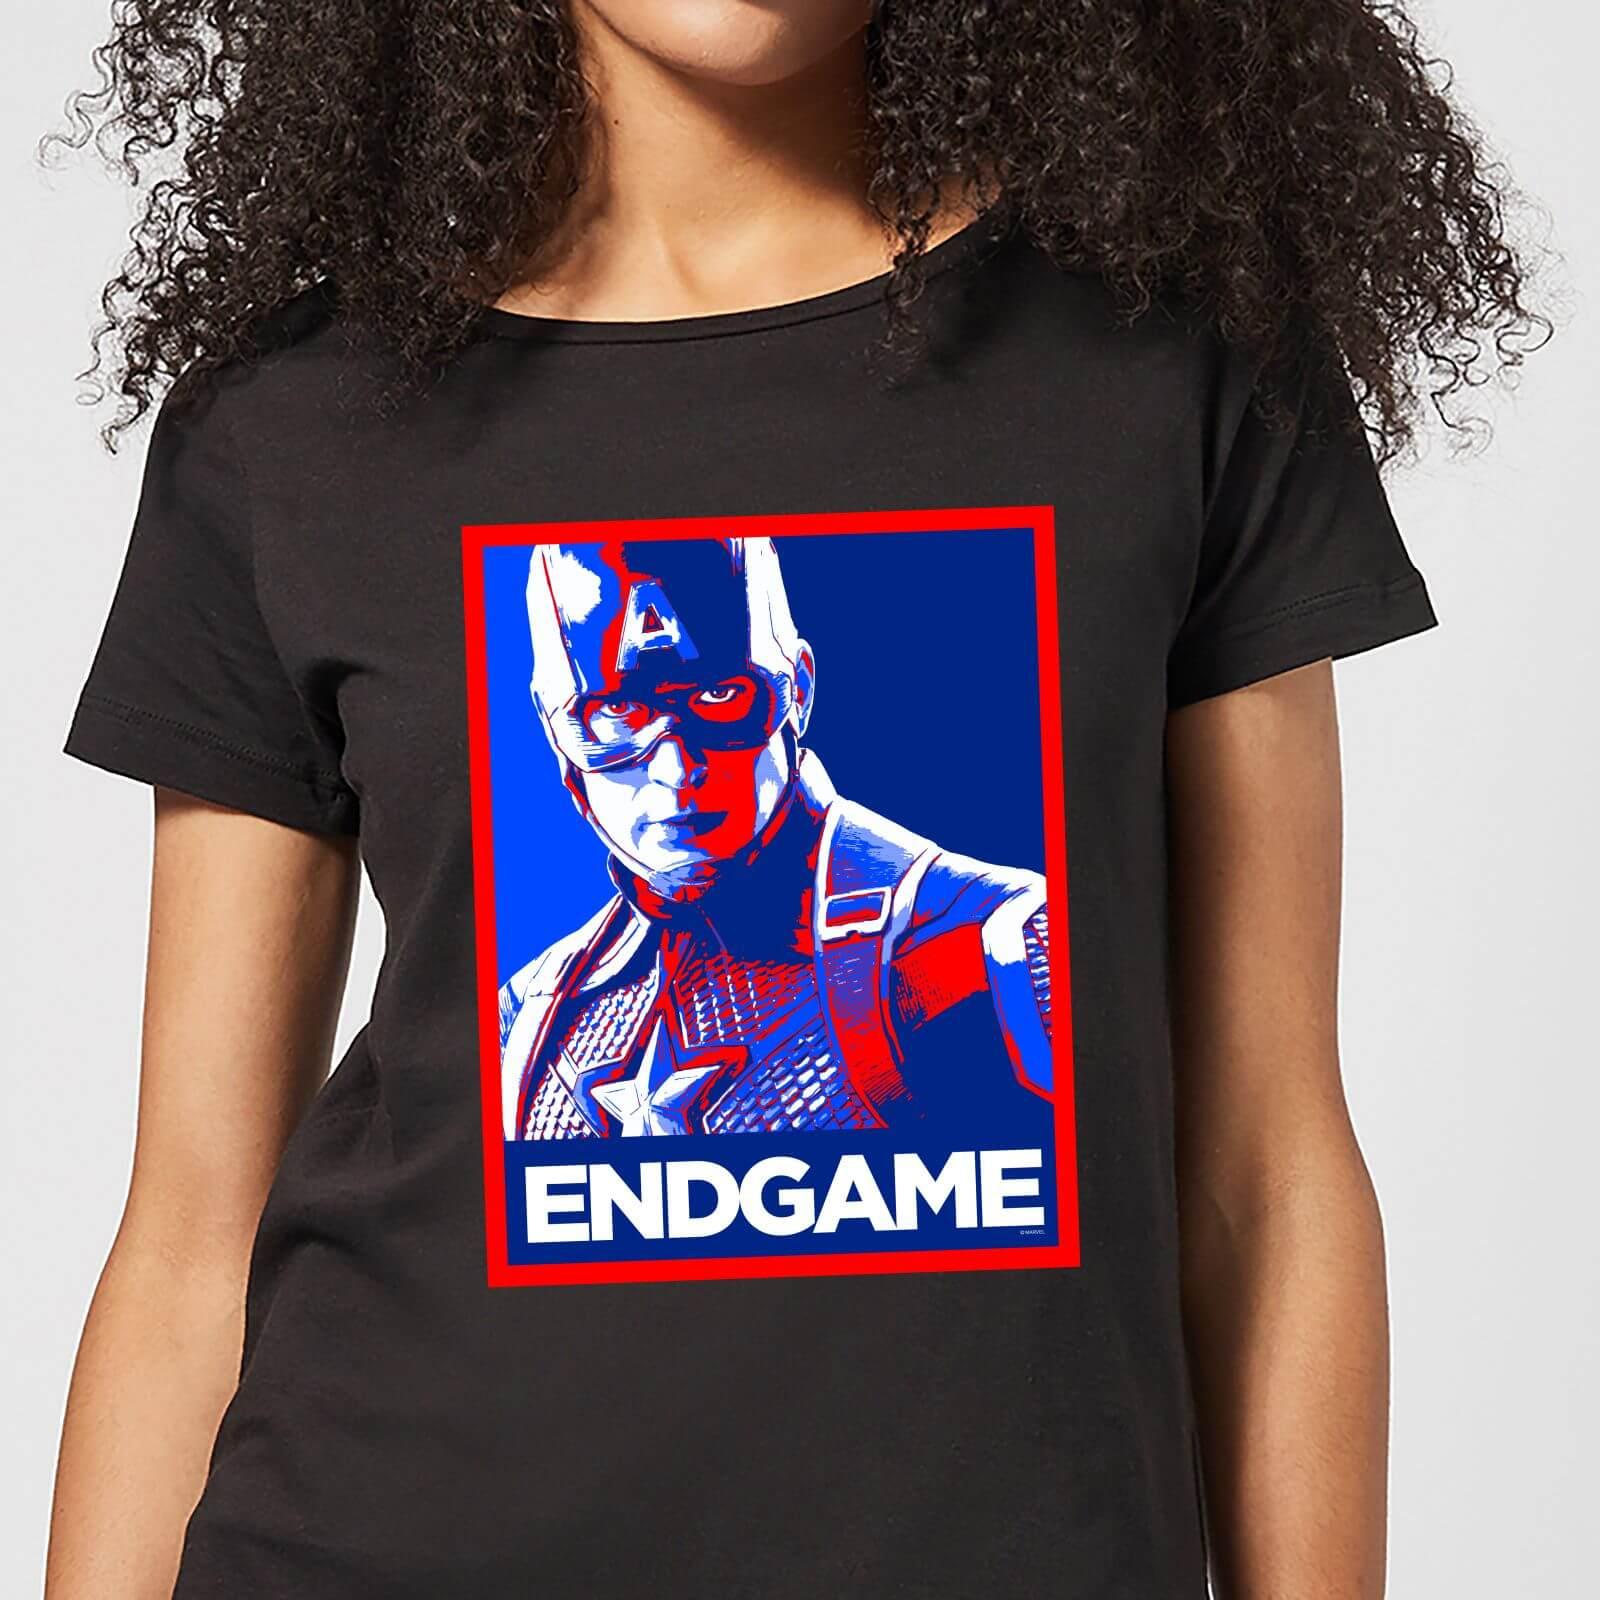 Marvel Avengers Endgame Captain America Poster Women's T-Shirt - Black - XL - Black